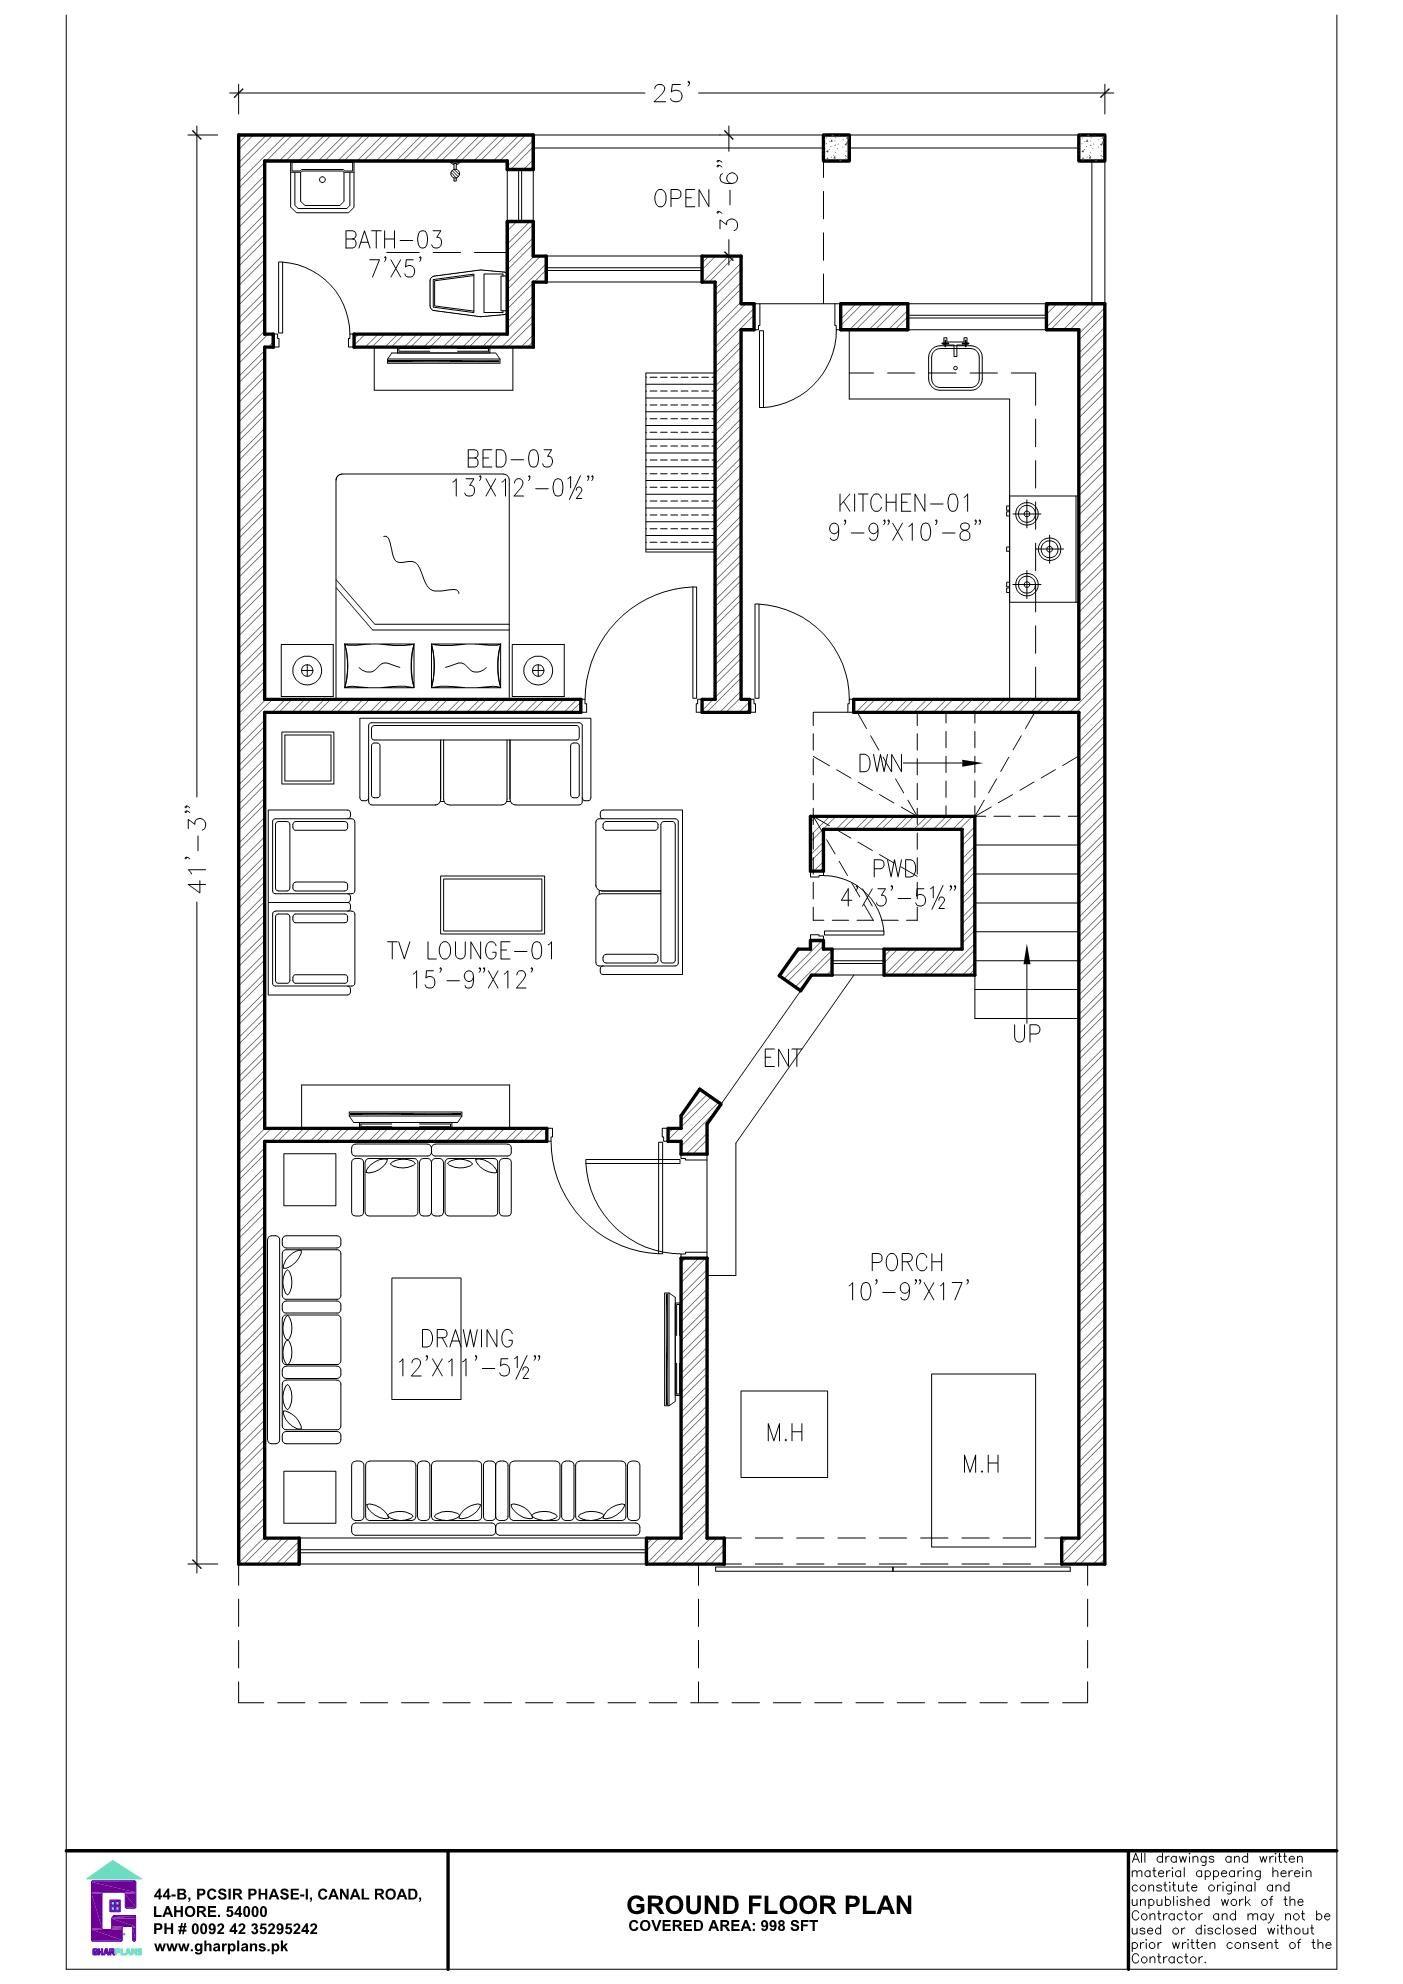 6 Bedroom 5 Marla Ground Floor Plan